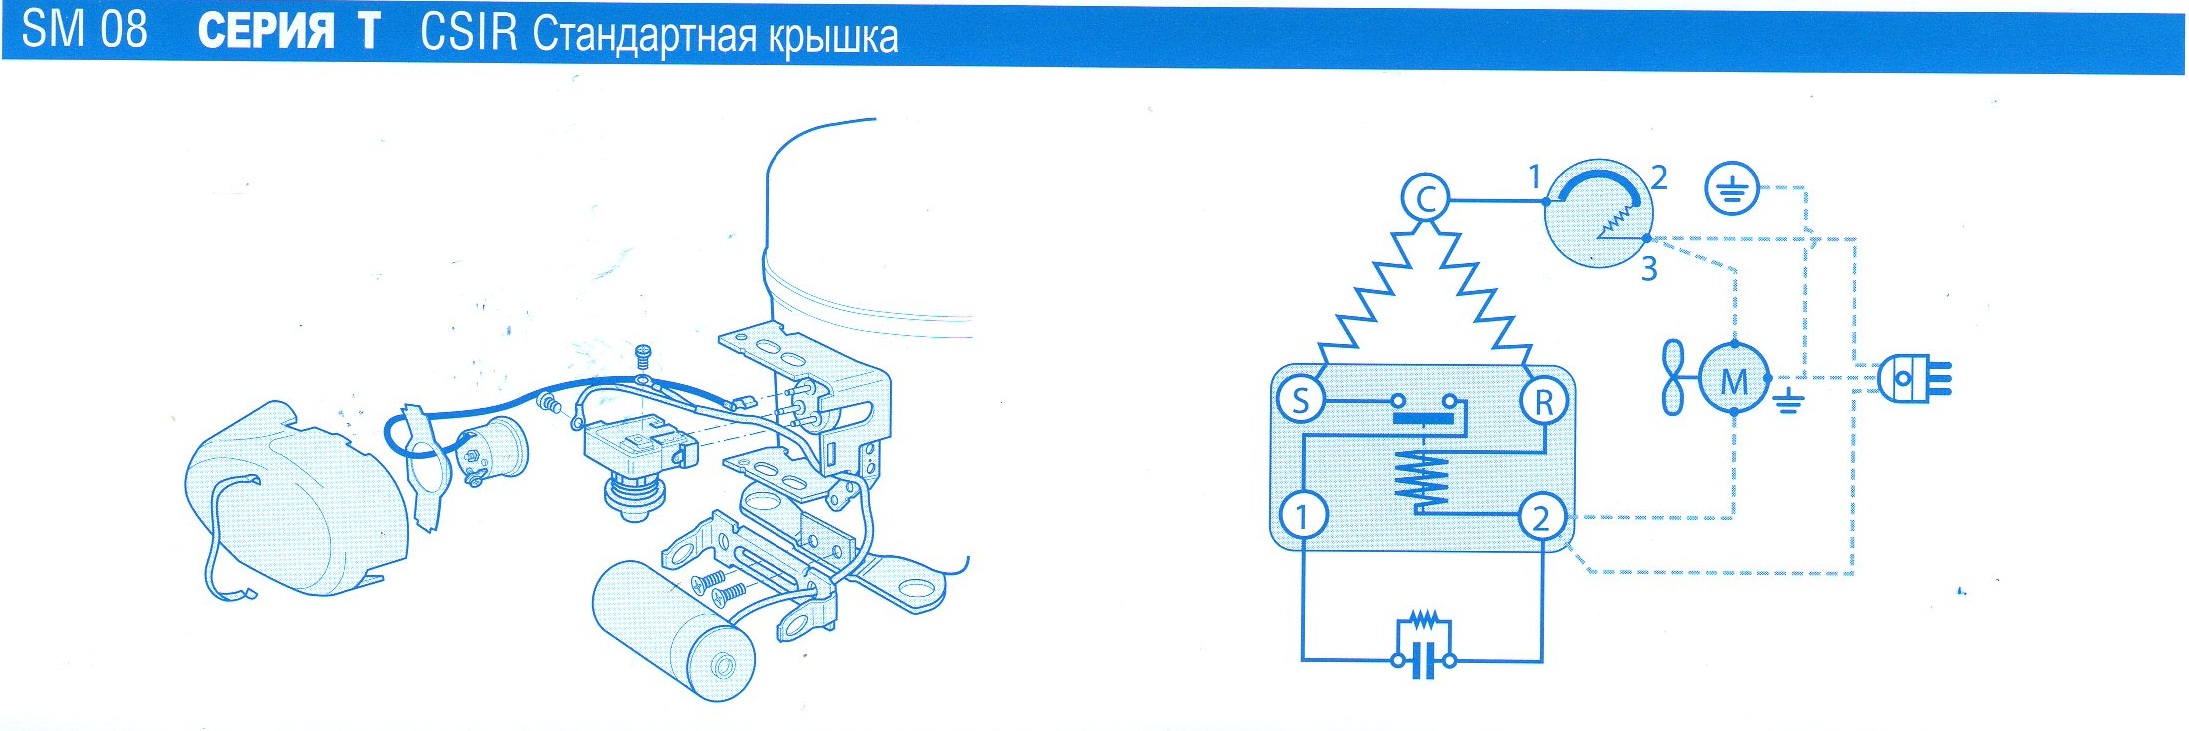 Схема терморегулятора для холодильника indesit5